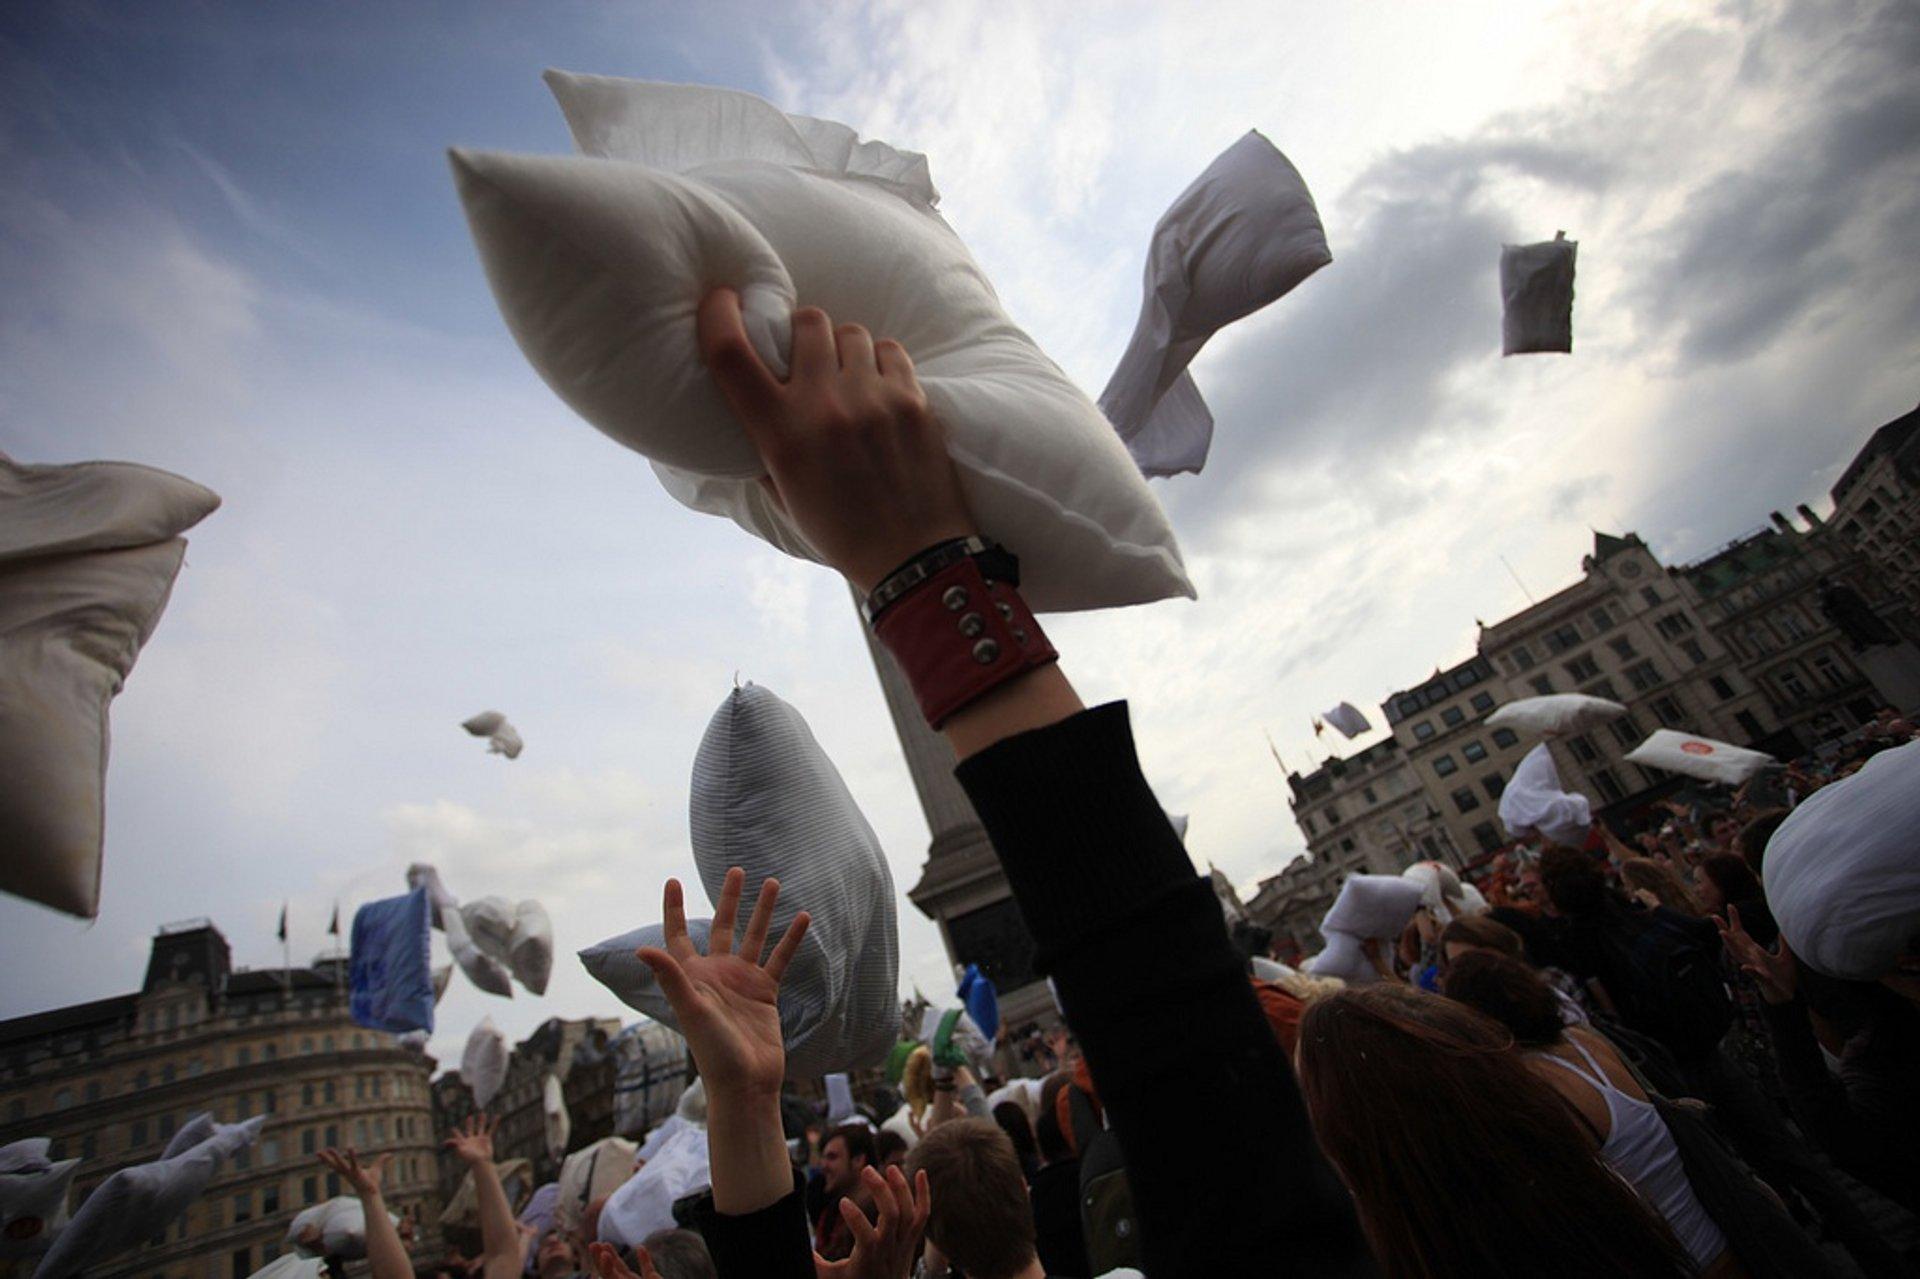 International Pillow Fight Day in London - Best Season 2020